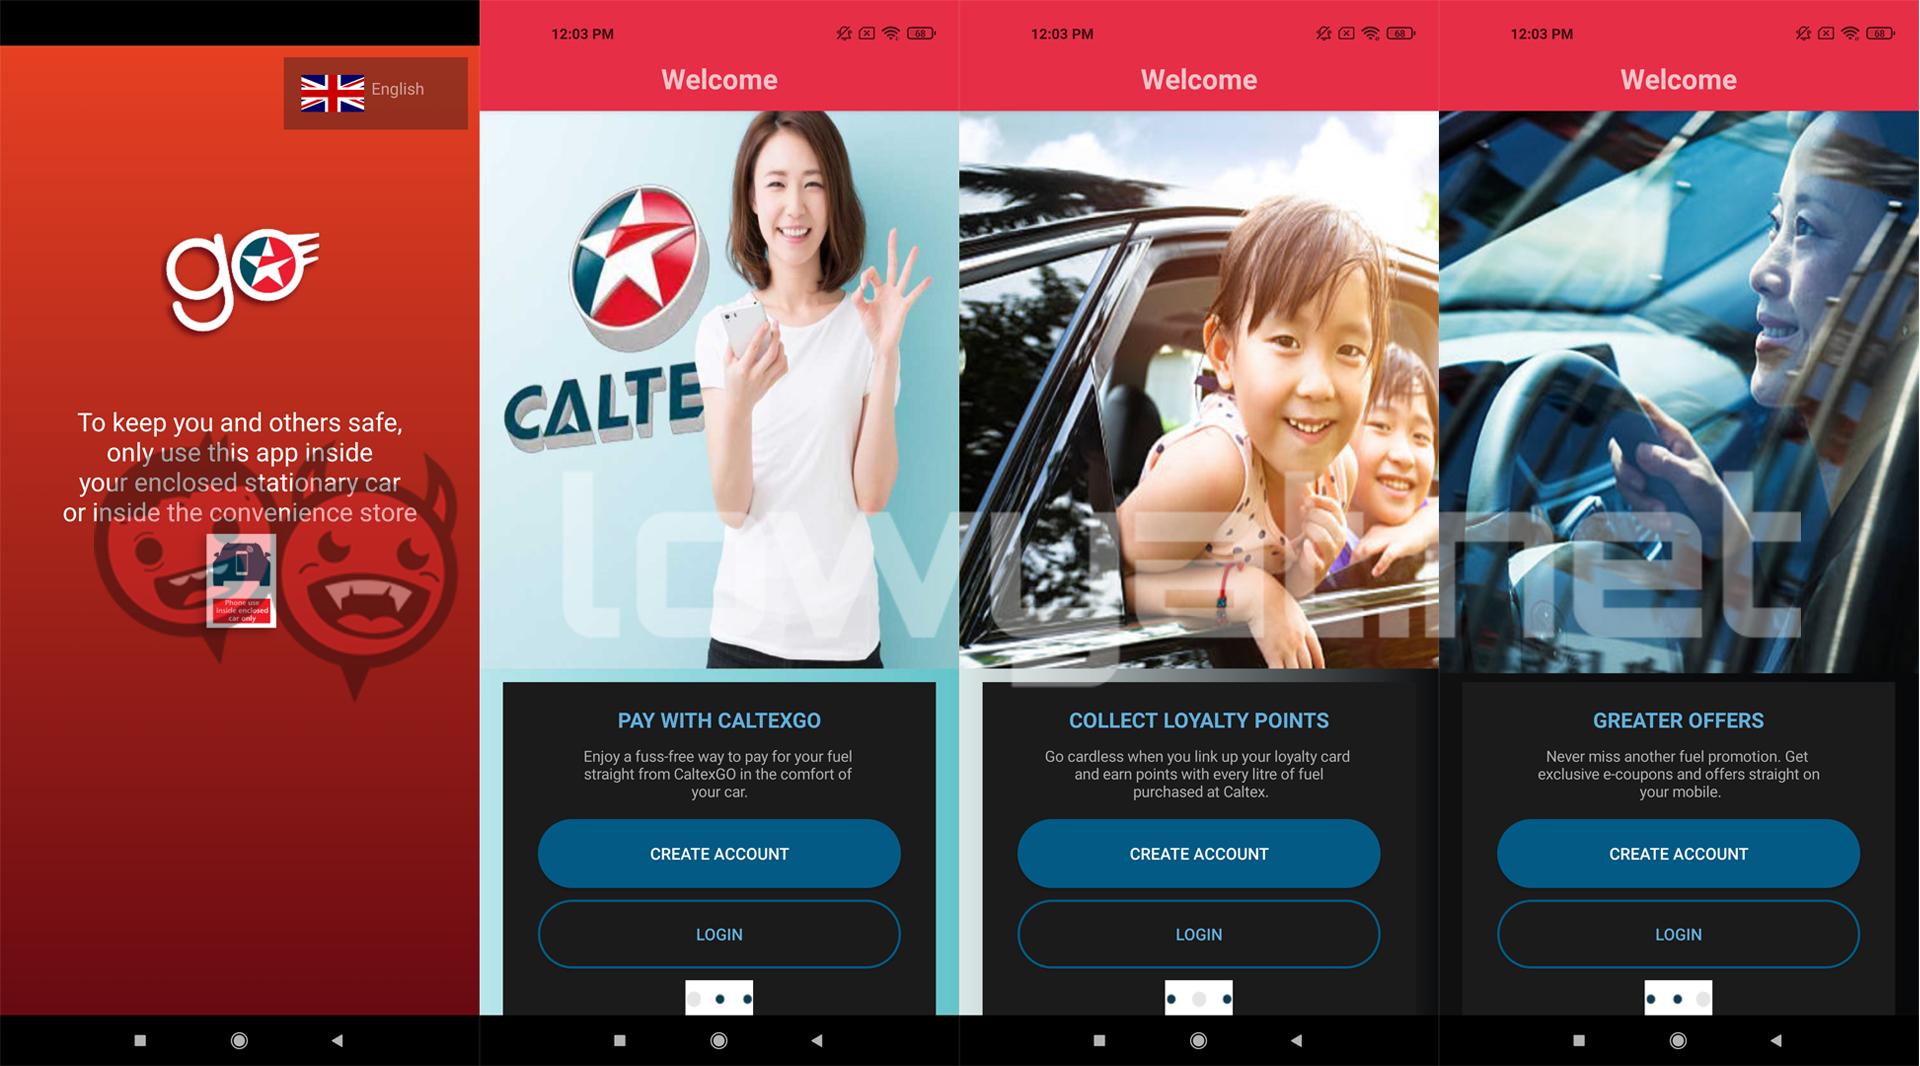 Aplicación de reabastecimiento de combustible remoto sin efectivo Caltex CaltexGO Malasia